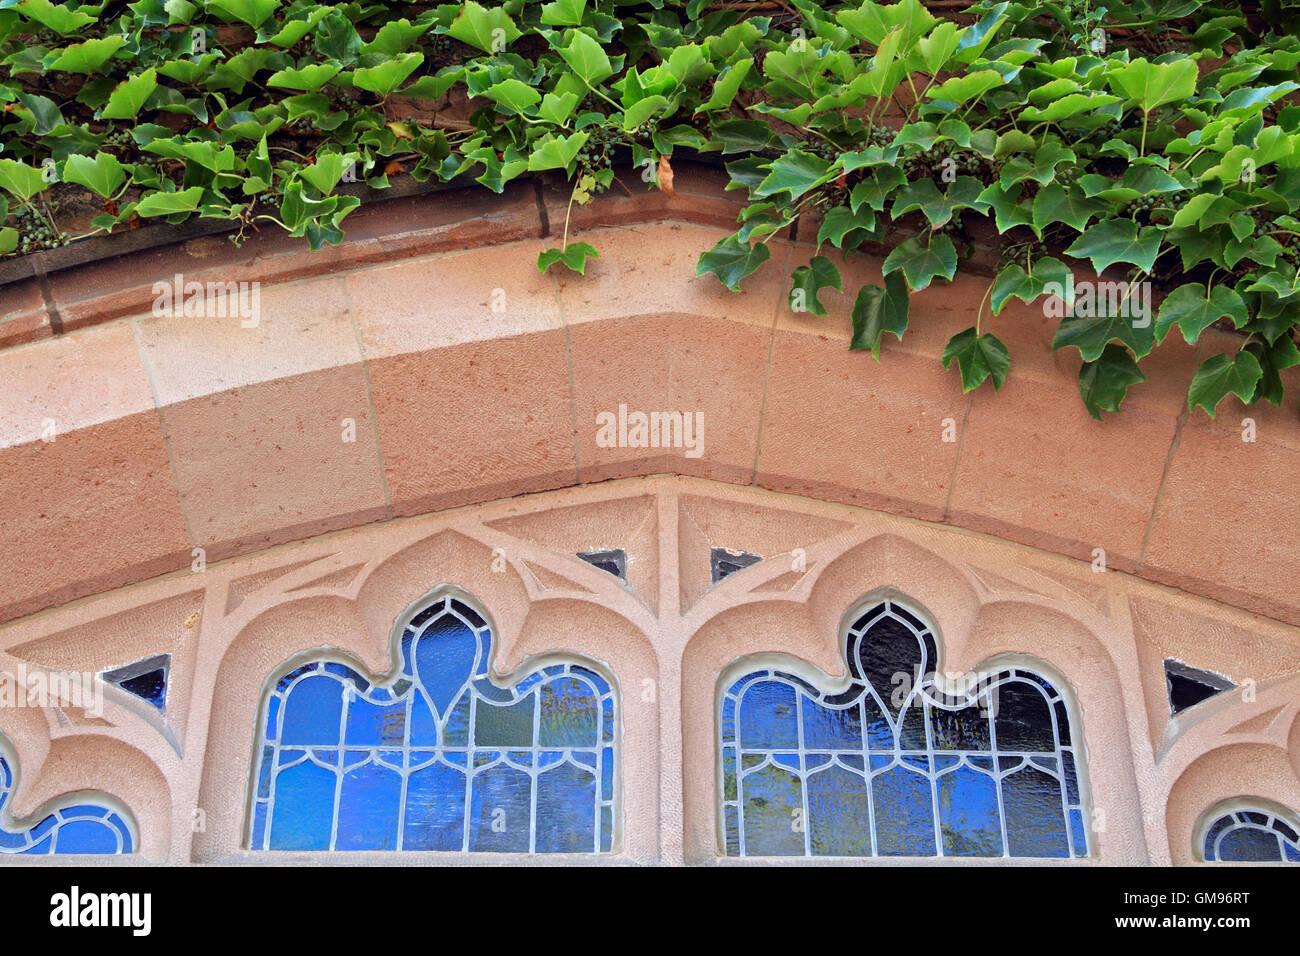 Ventana cubierto de hiedra, de la Universidad de Princeton, Princeton, Nueva Jersey, EE.UU. Imagen De Stock